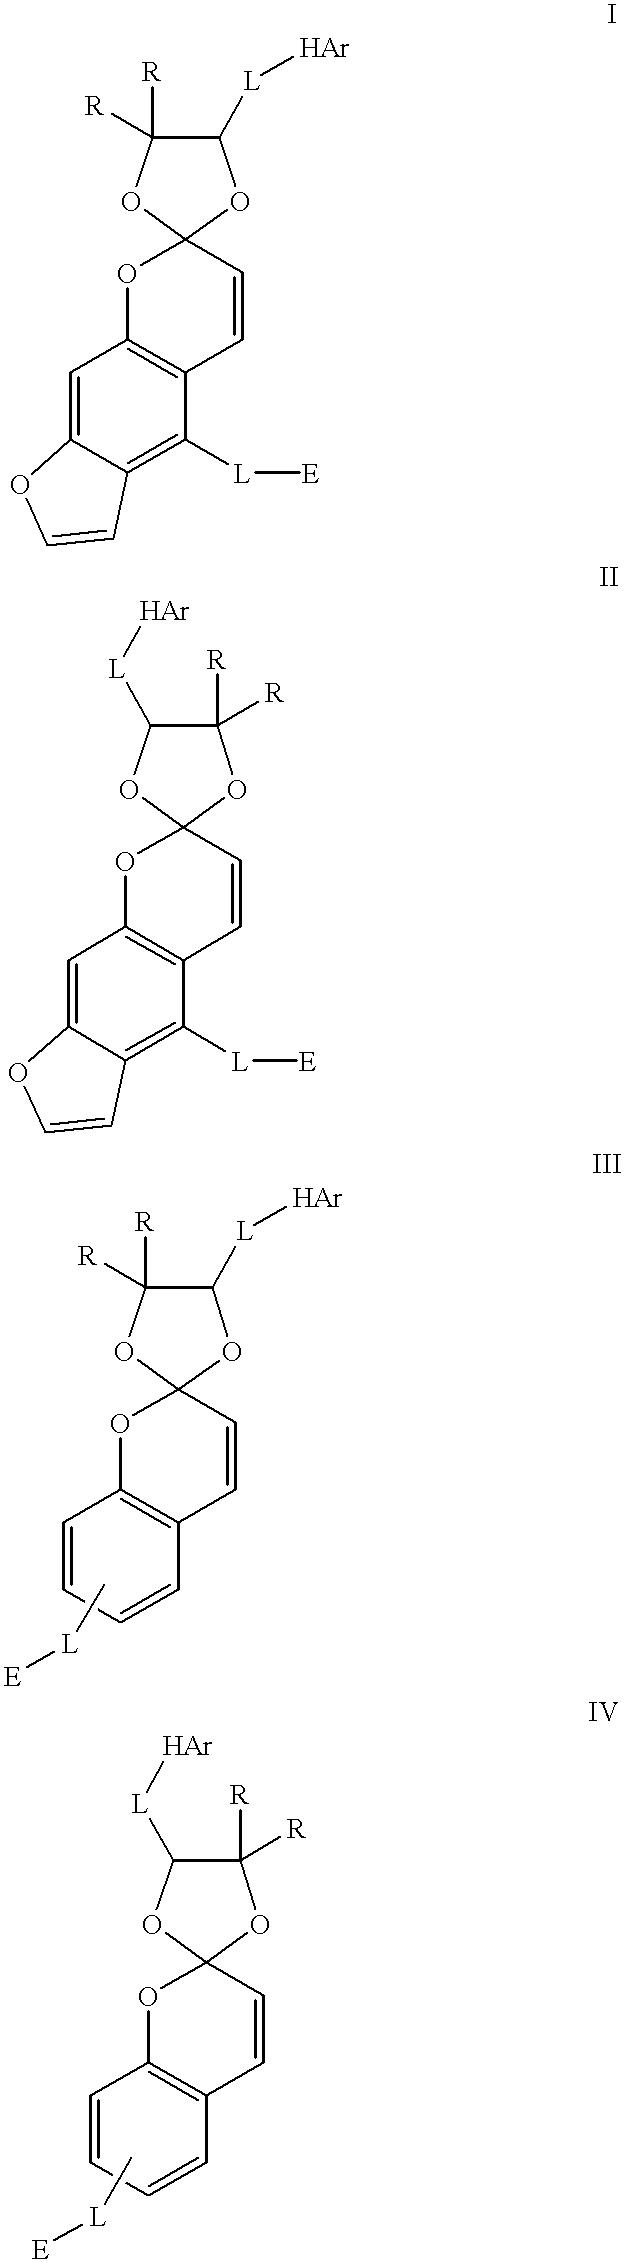 Figure US06248776-20010619-C00001